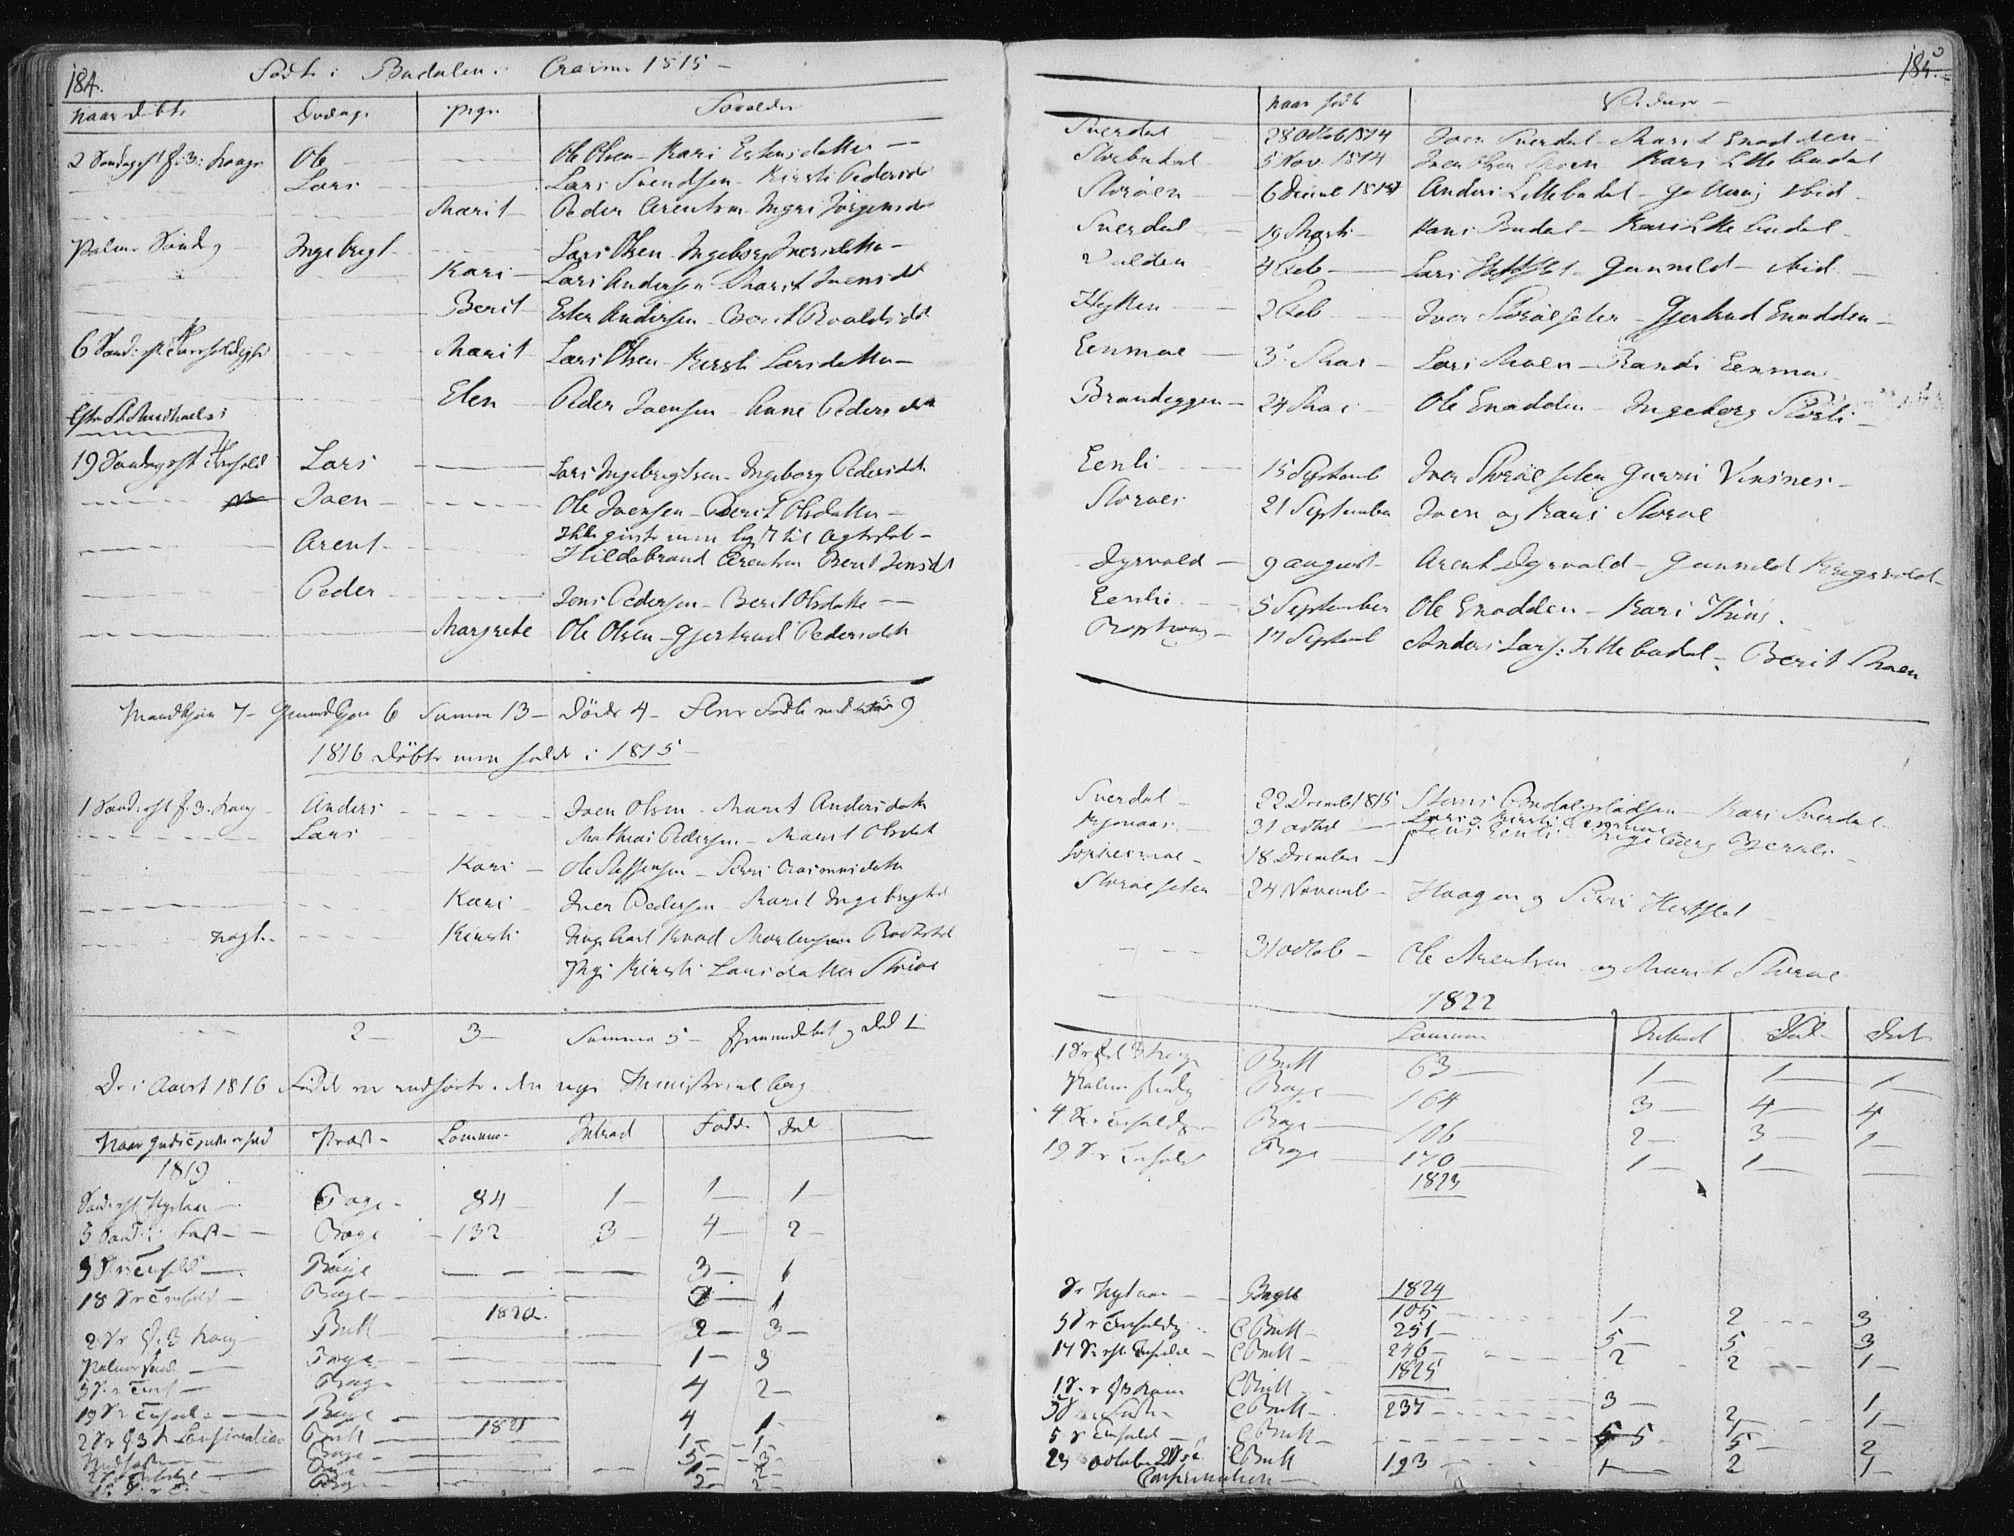 SAT, Ministerialprotokoller, klokkerbøker og fødselsregistre - Sør-Trøndelag, 687/L0995: Ministerialbok nr. 687A03 /4, 1788-1815, s. 184-185